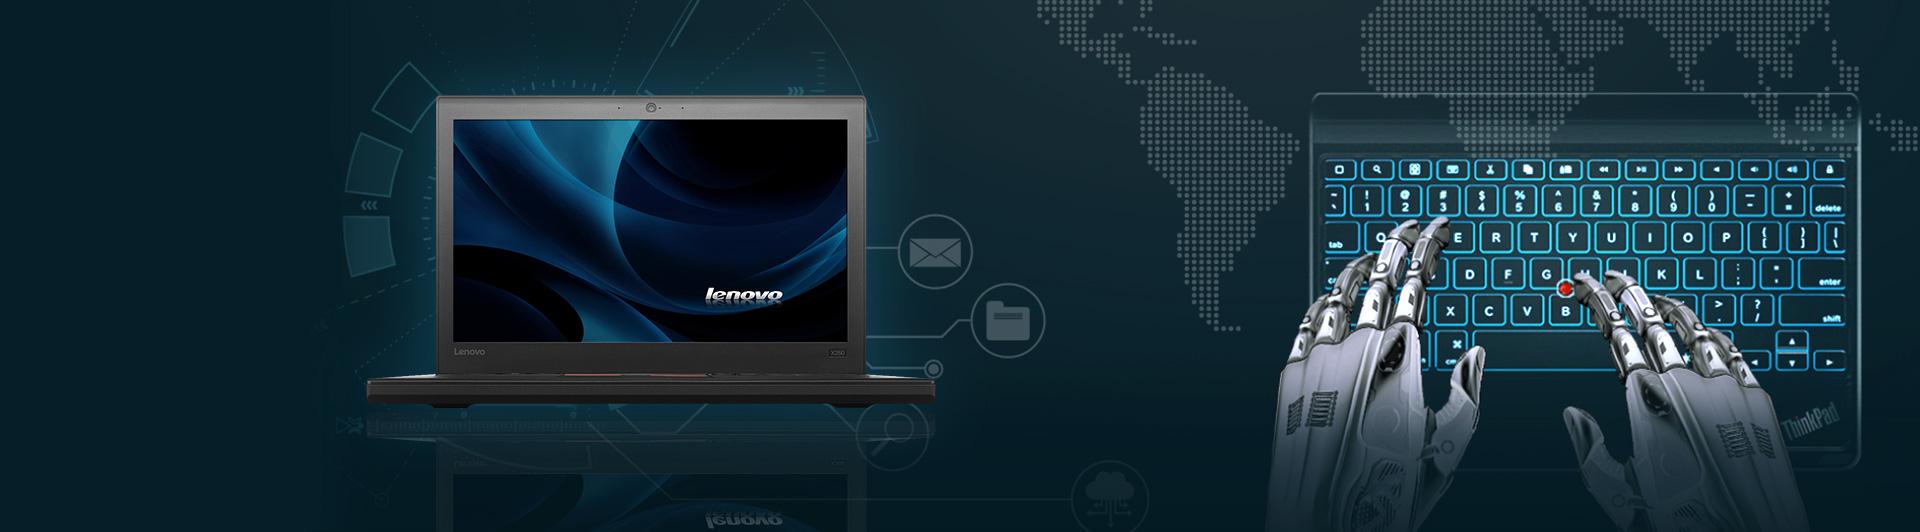 Máy tính xách tay Lenovo Thinkpad X260 (Core I7/Ram 4GB) kiểu dáng gọn nhẹ